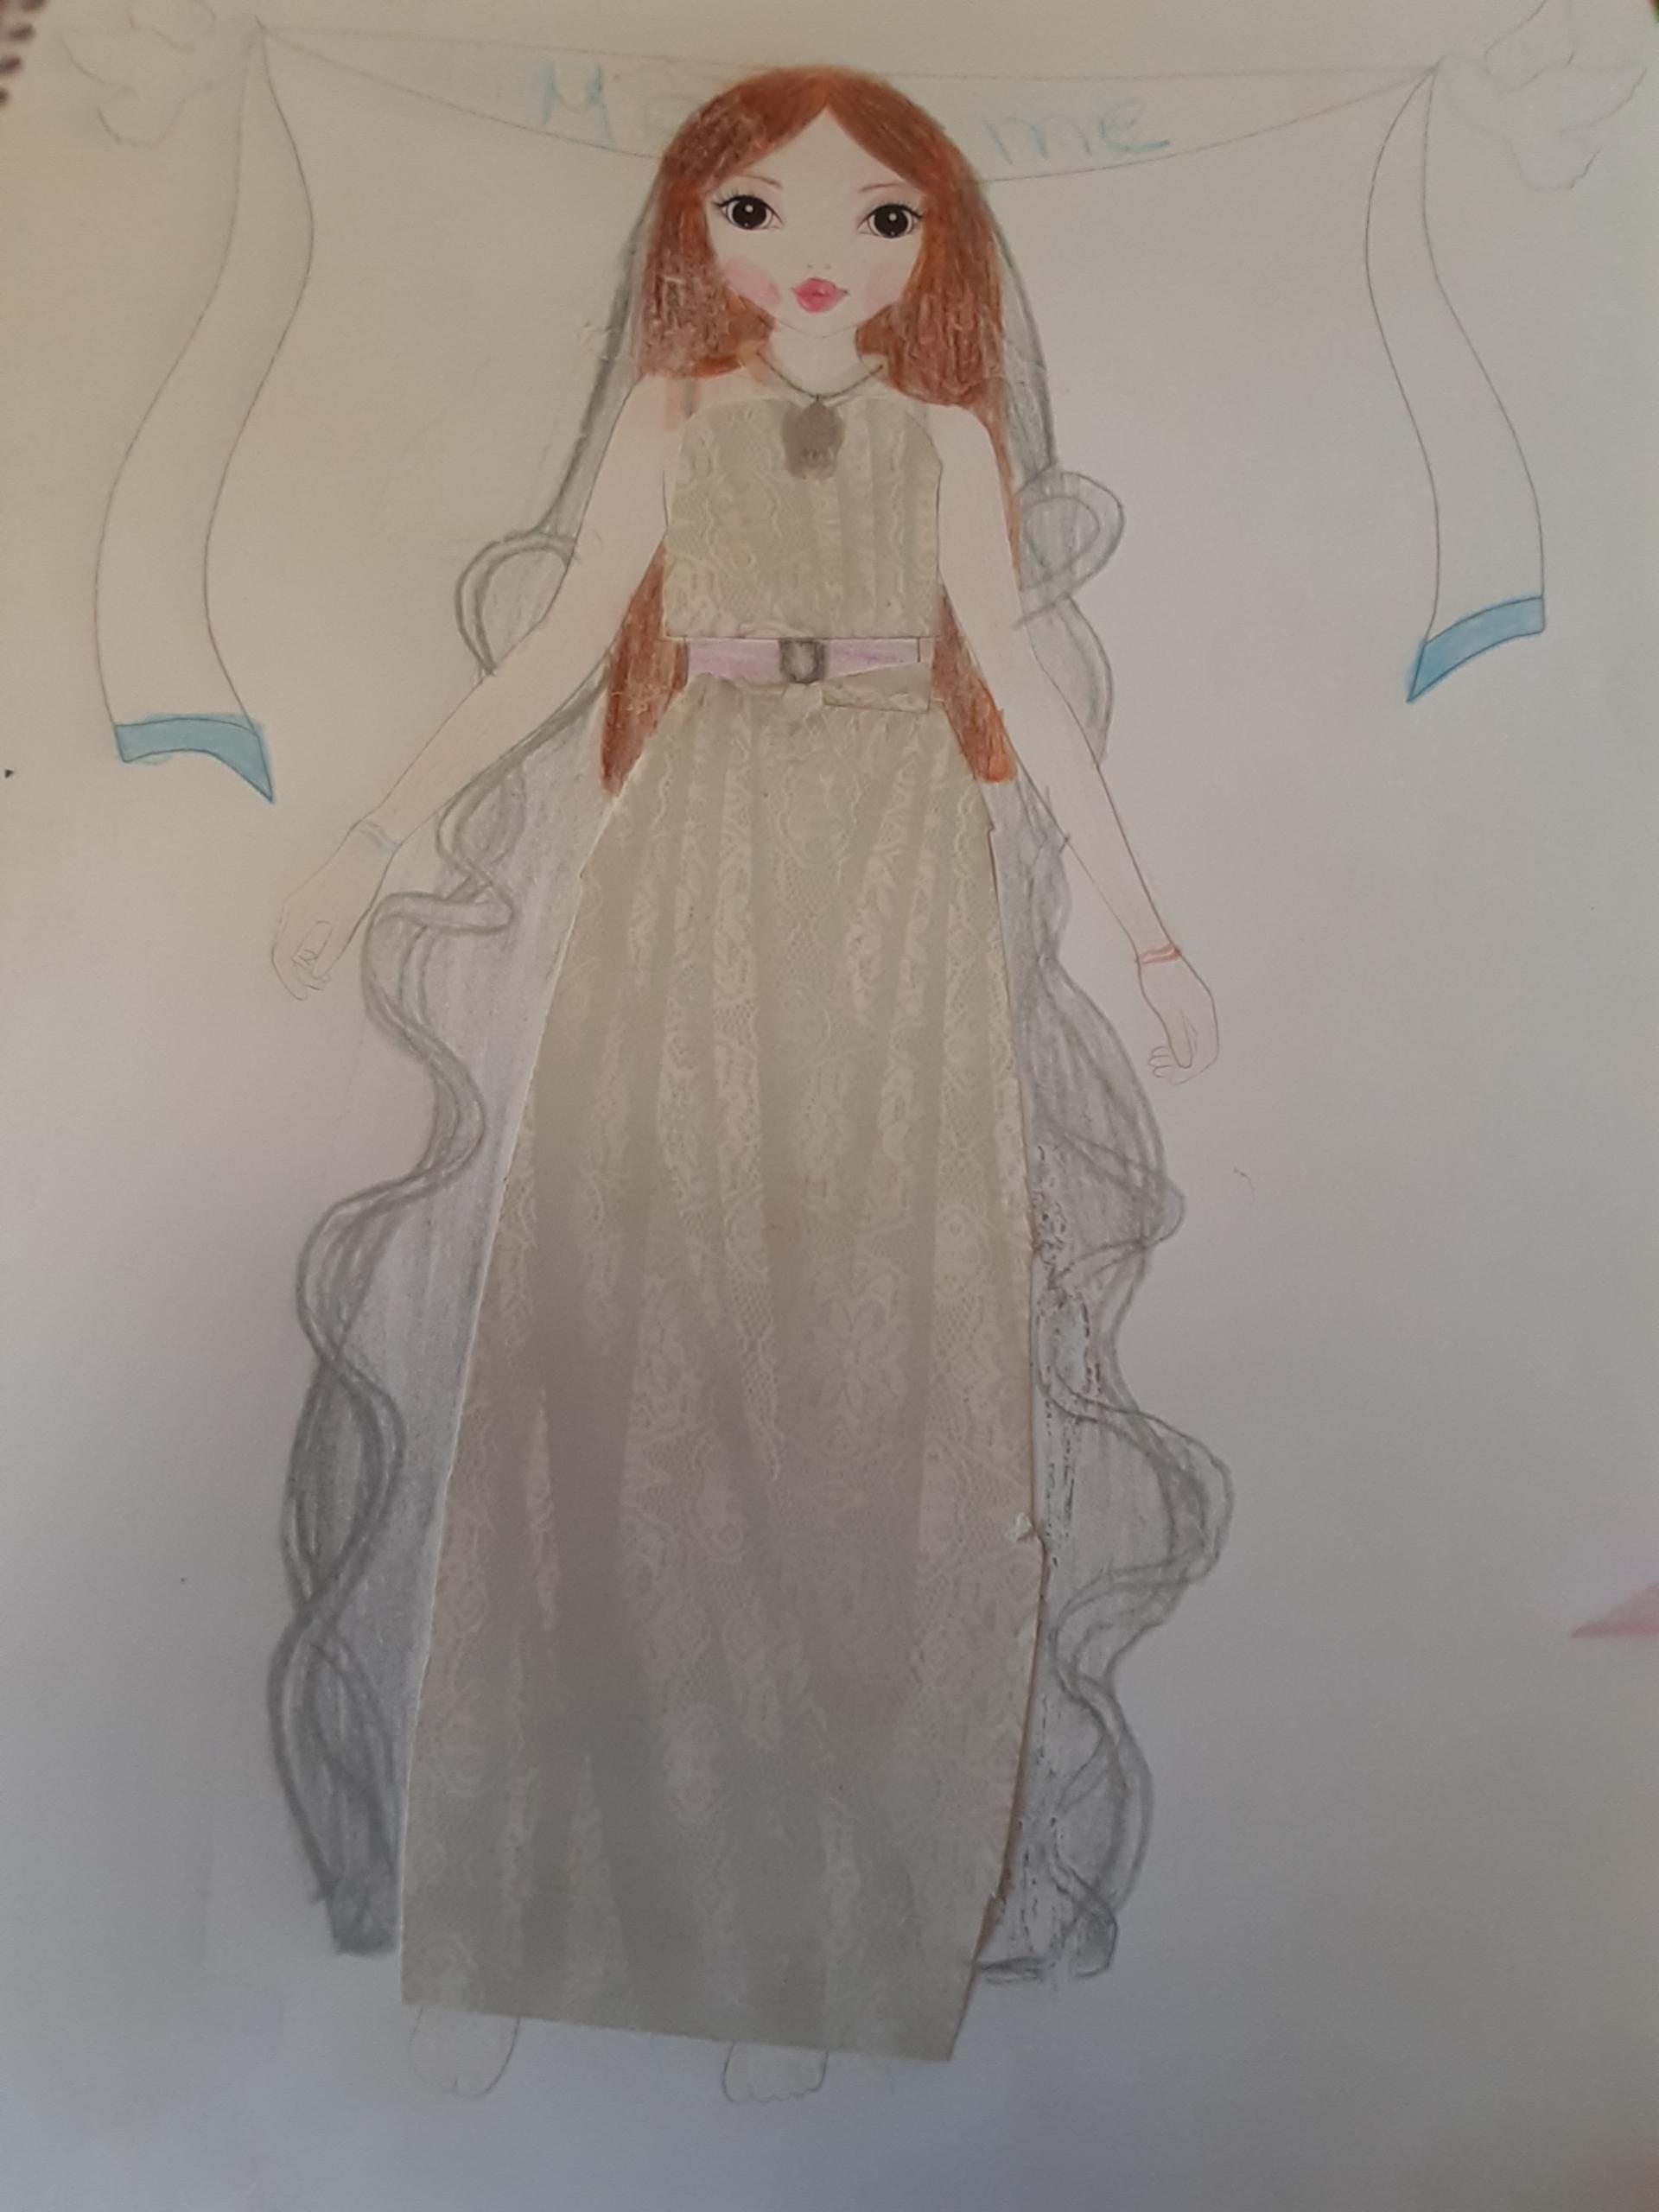 Jonna V., 11 Jahre, aus Frankfurt a.M.